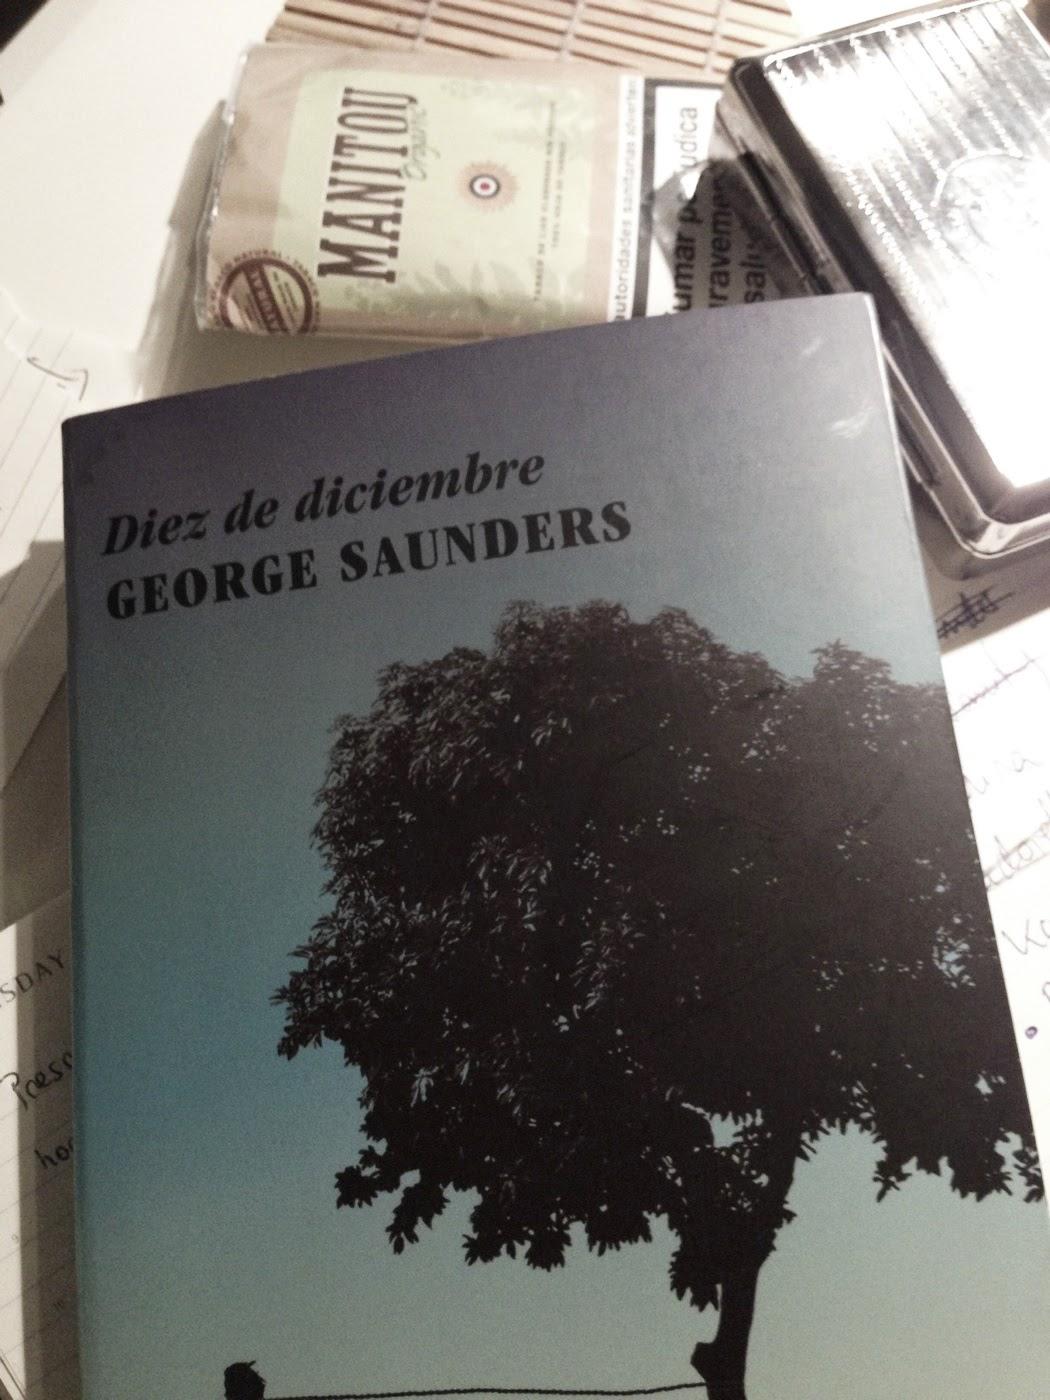 10 de diciembre George Saunders Libro Alfabia